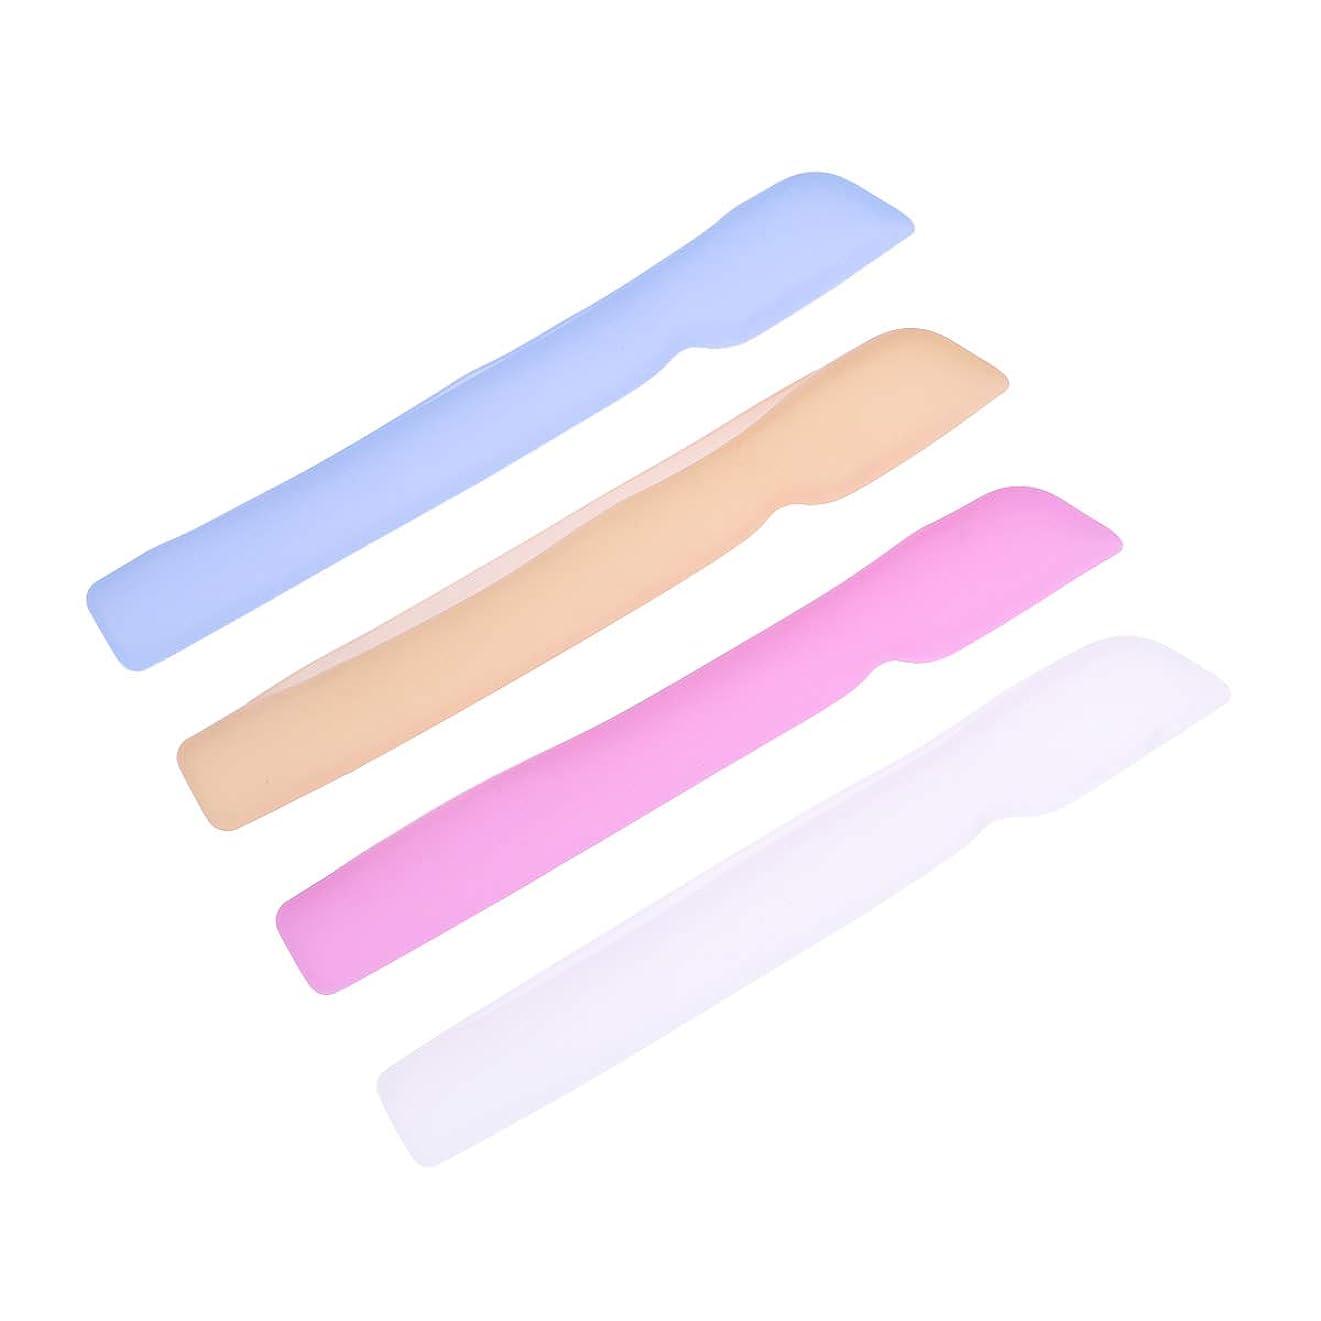 怒って輝度のみHEALLILYシリコン歯ブラシケースカバー歯ブラシ用保護カバー保護ケース用4本(ブルー+ピンク+ライトイエロー+ホワイト)